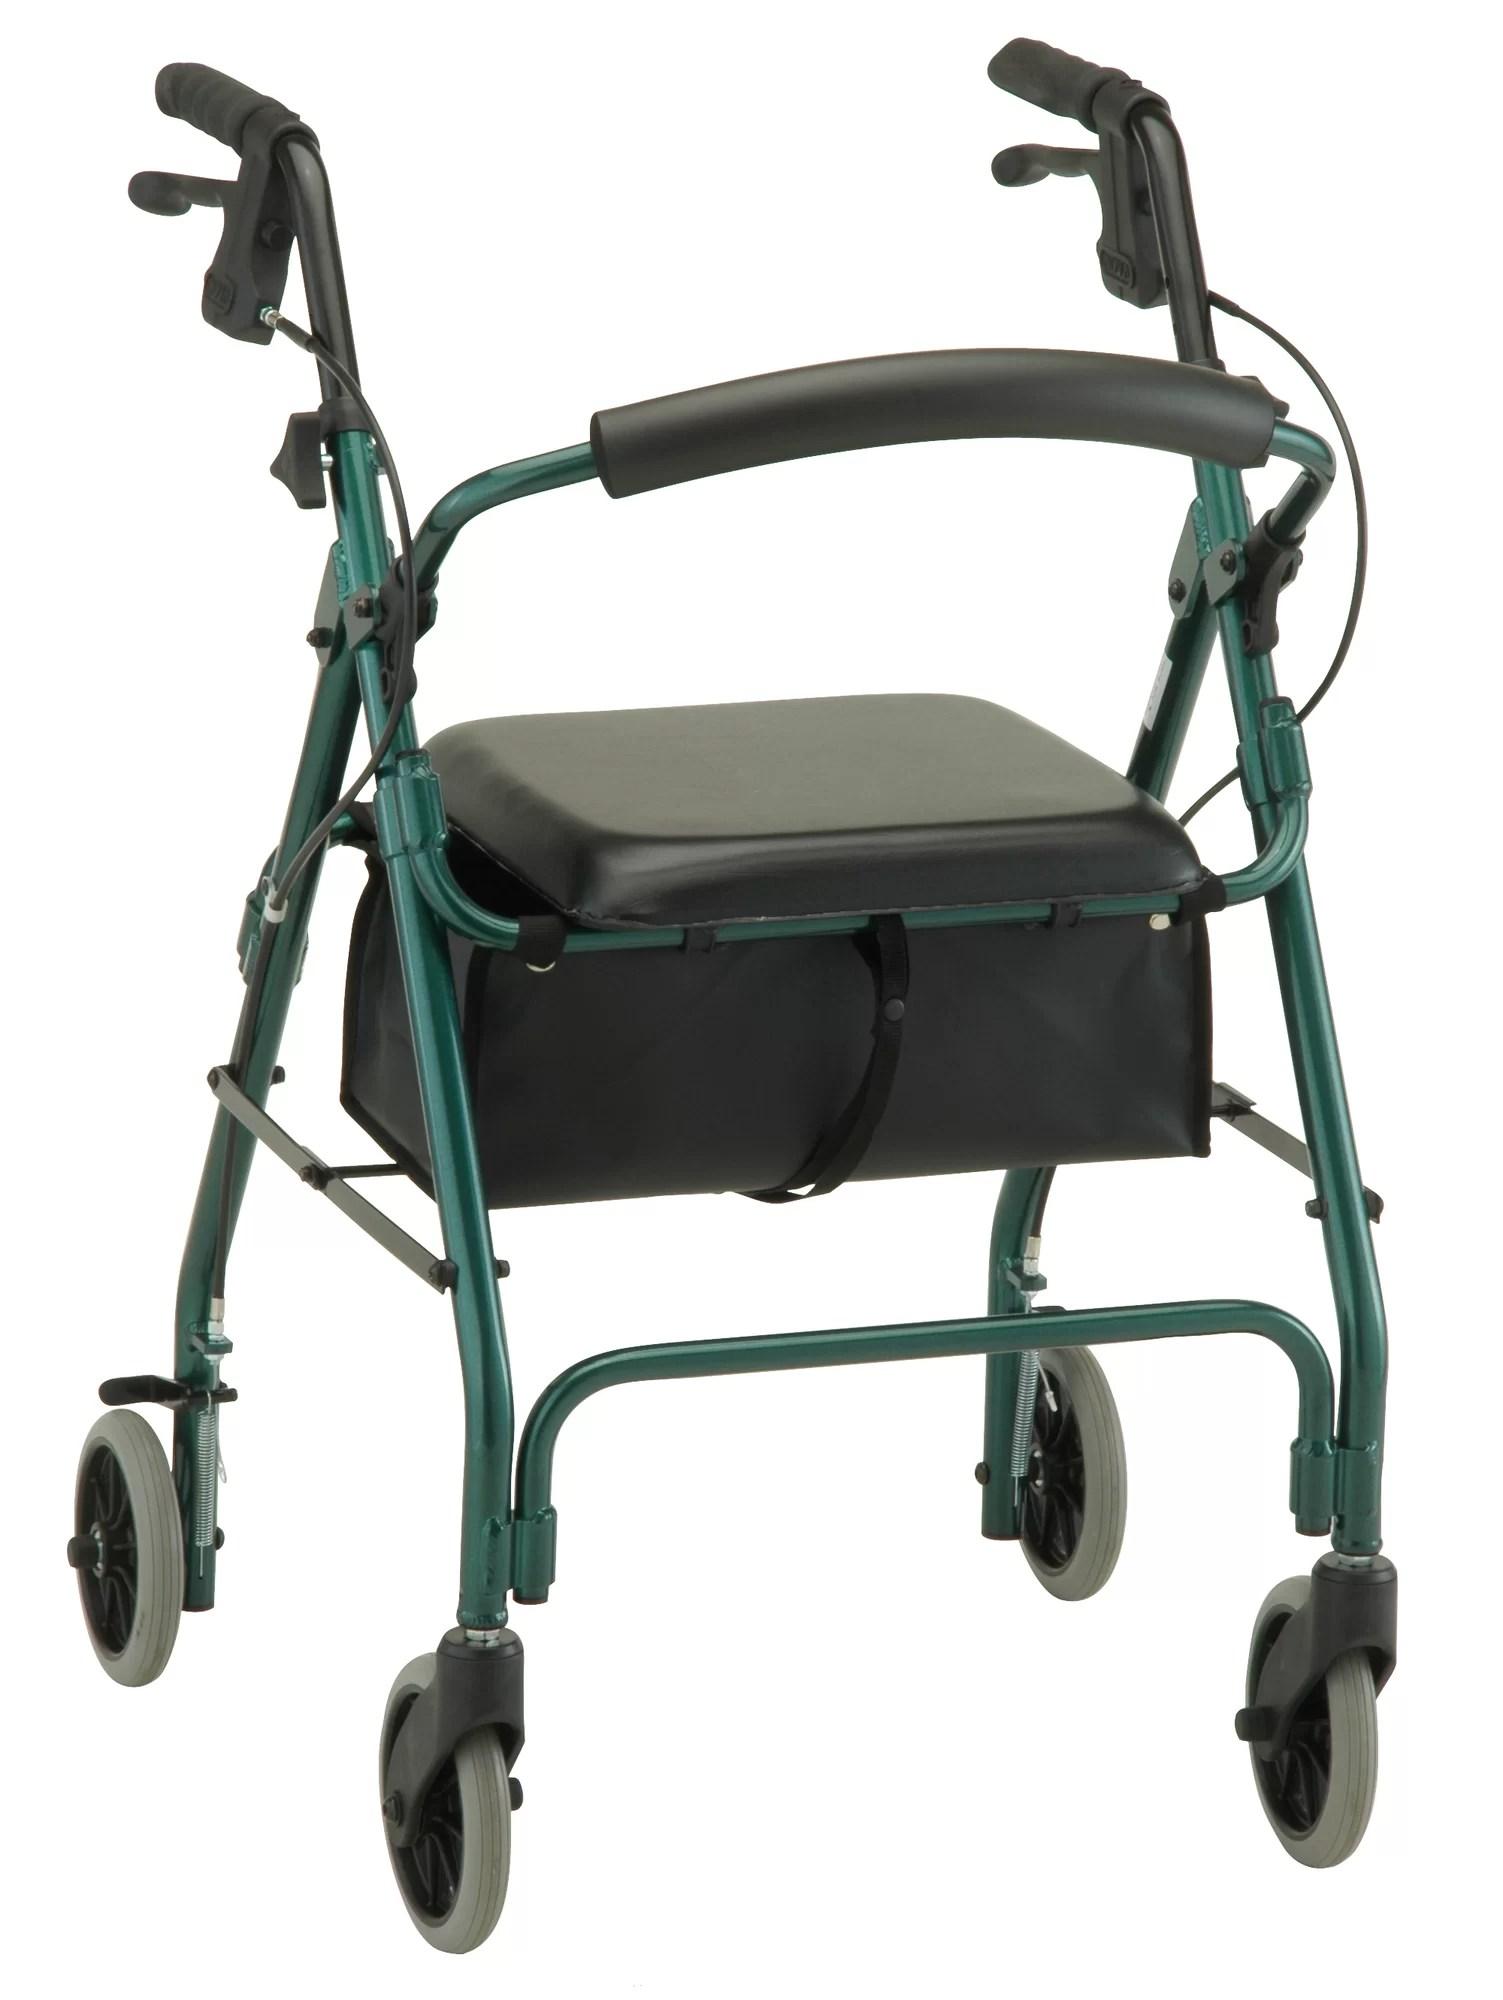 walker roller chair ergonomic armrest nova ortho med inc cruiser deluxe classic rolling